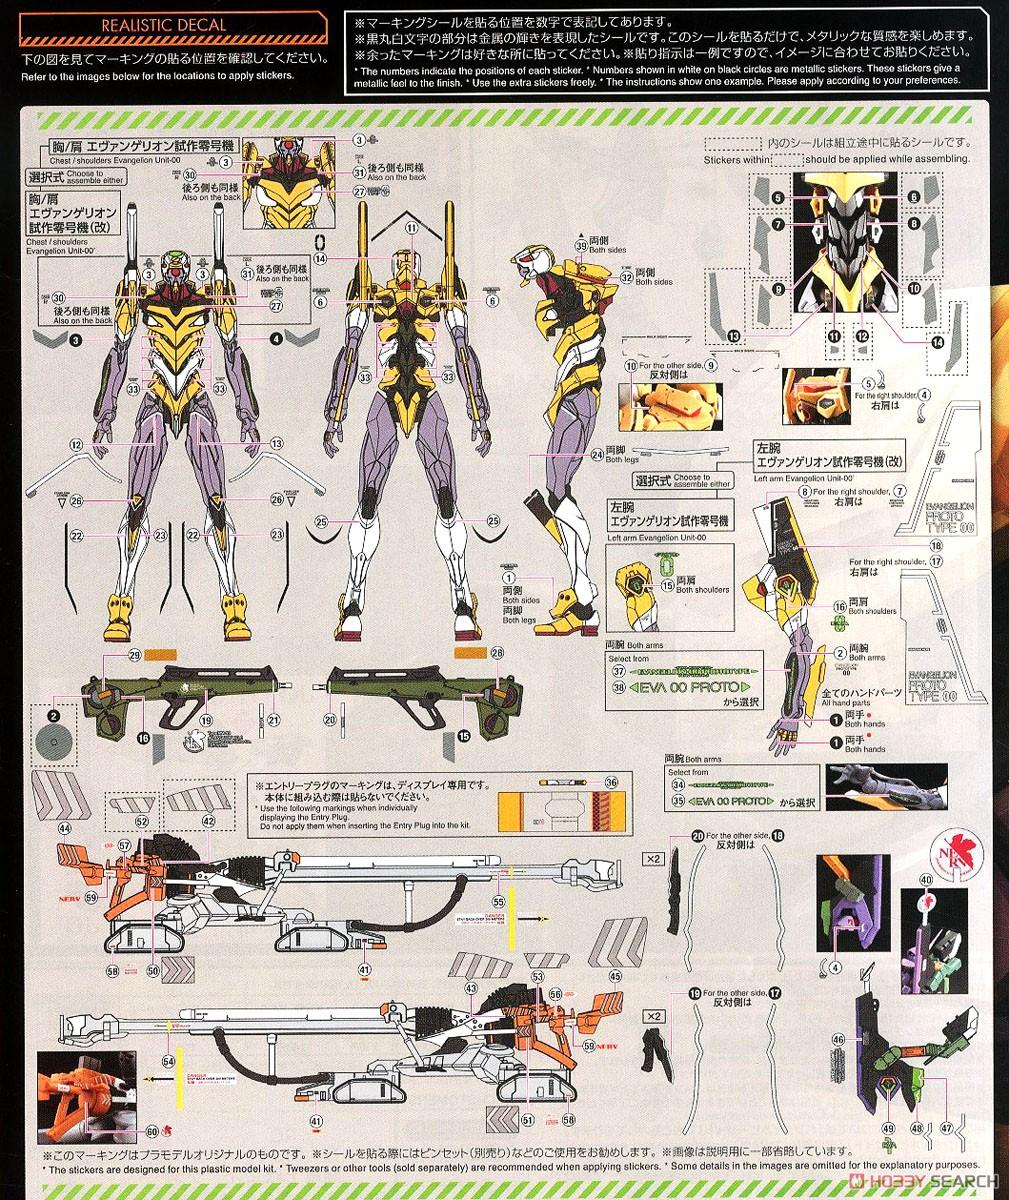 【再販】RG『汎用ヒト型決戦兵器 人造人間エヴァンゲリオン試作零号機DX 陽電子砲セット』プラモデル-026